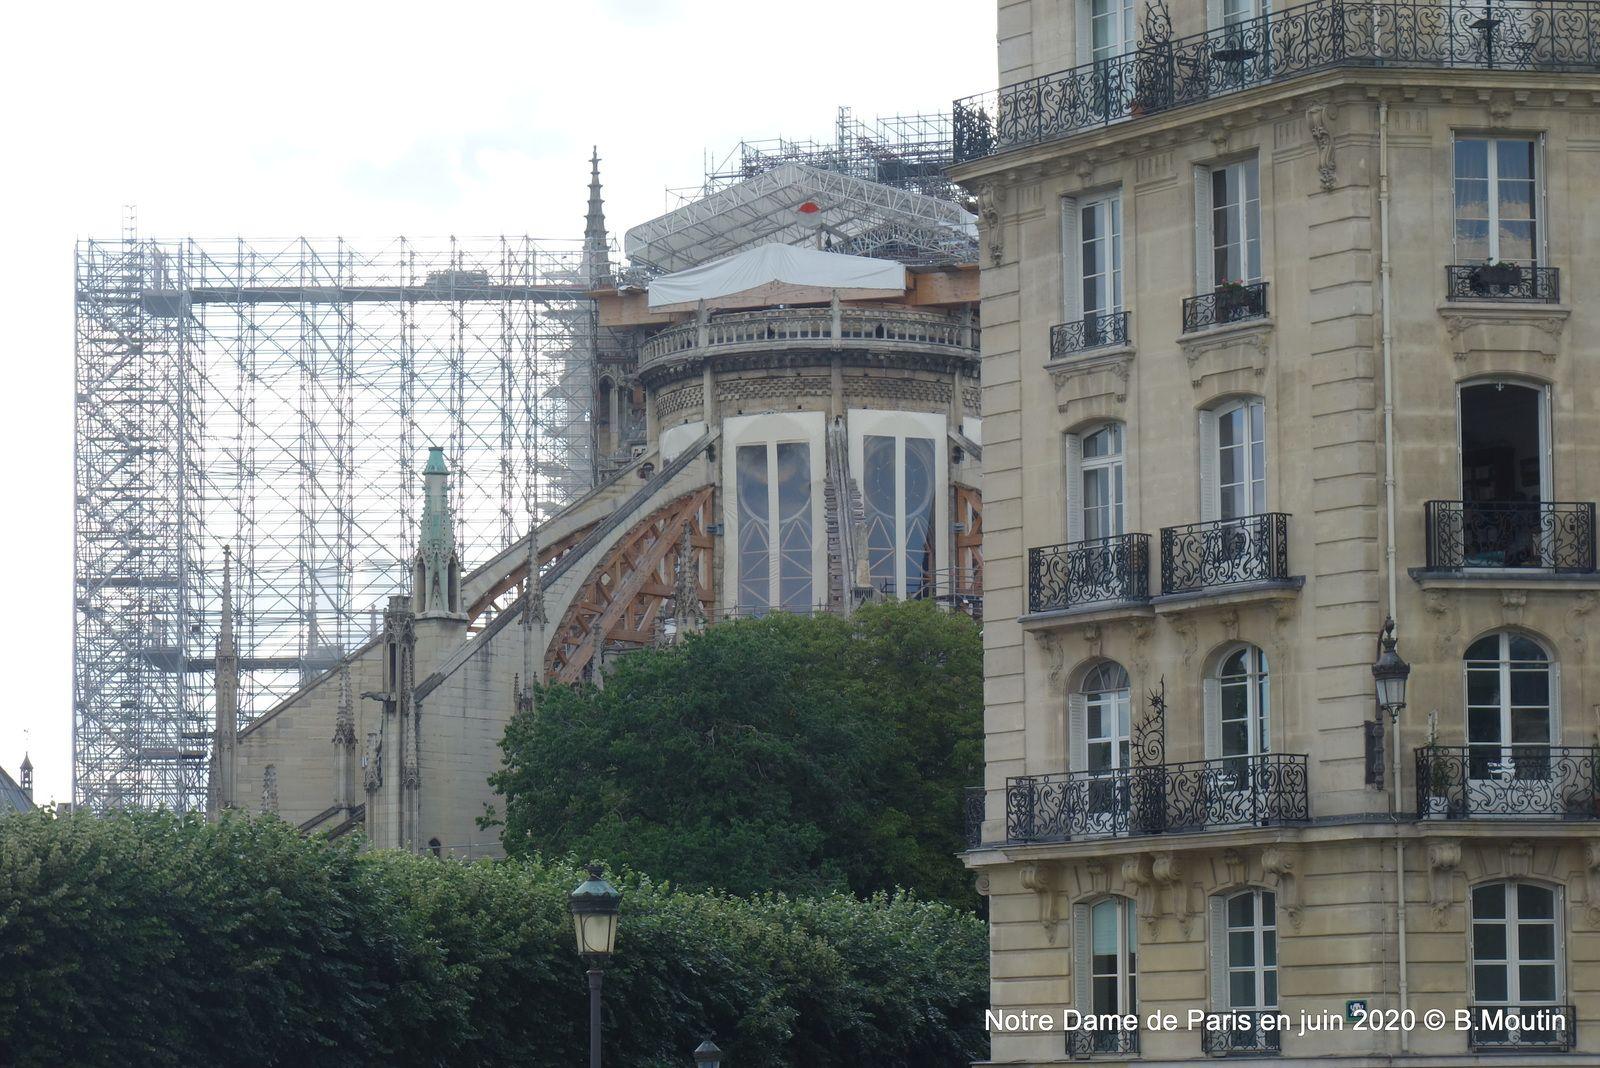 Notre Dame de Paris en travaux (5 photos de juin 2020)